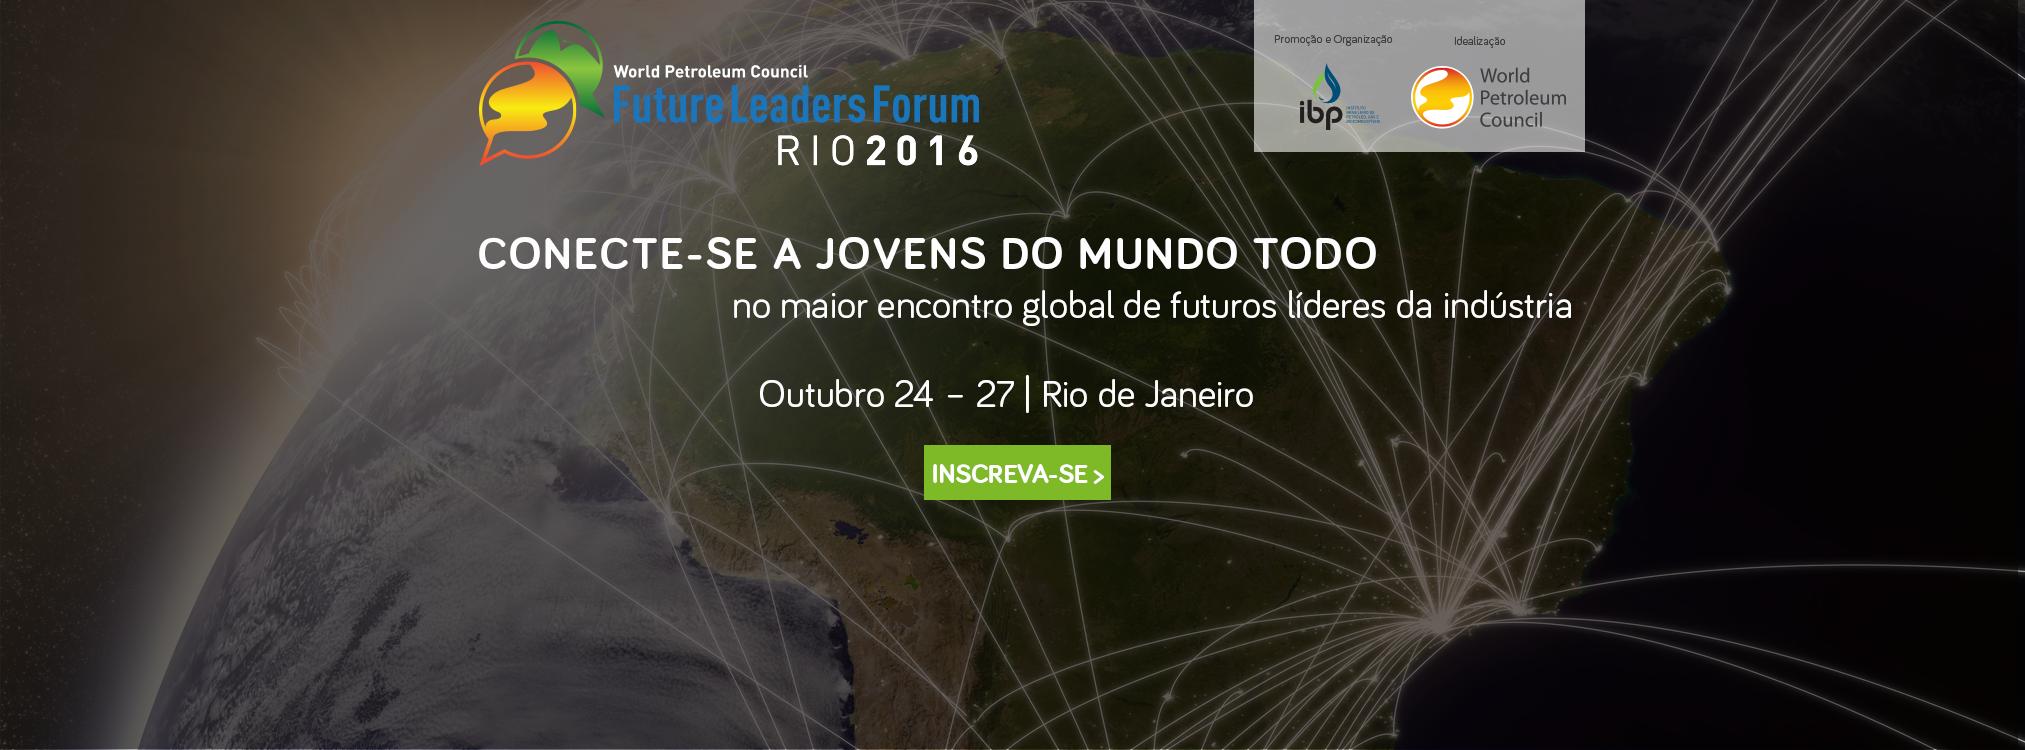 IBP_Job142_SliderHome_2025x750px_portugues_2